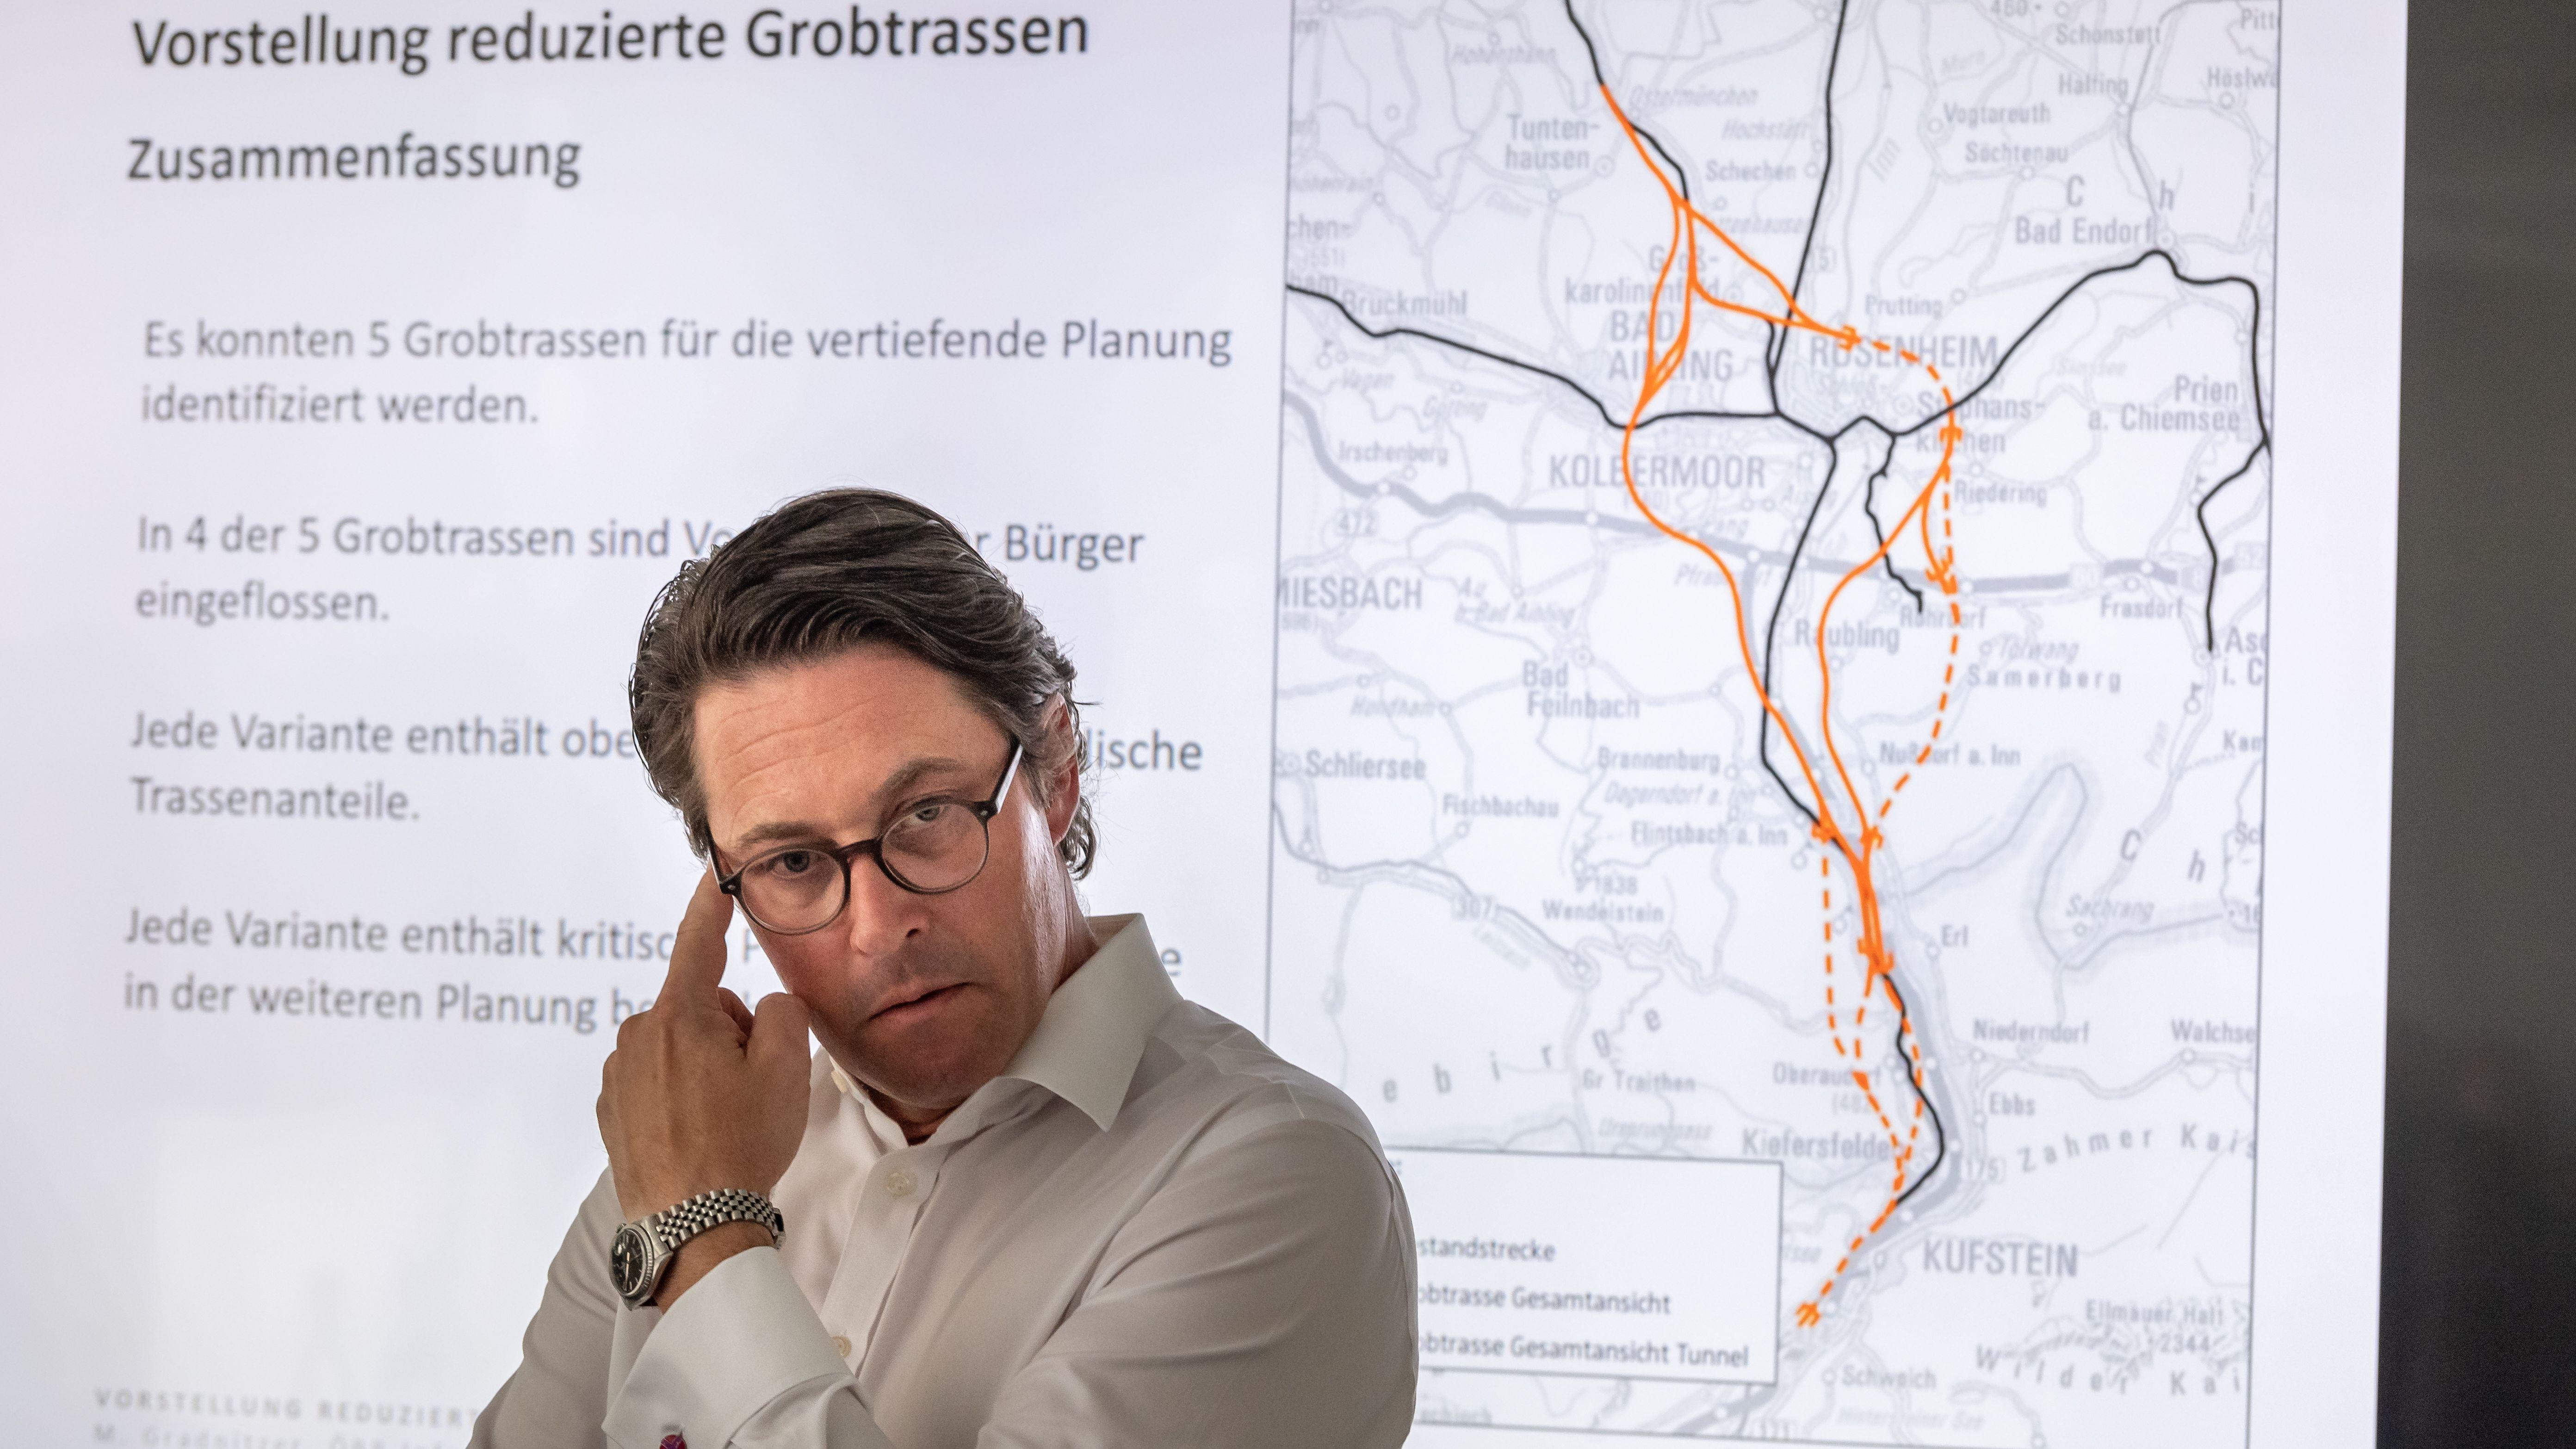 Verkehrsminister Andreas Scheuer nimmt an einer Pressekonferenz der DB zu den möglichen Trassenverläufe des sogenannten Brenner-Nordzulauf teil.